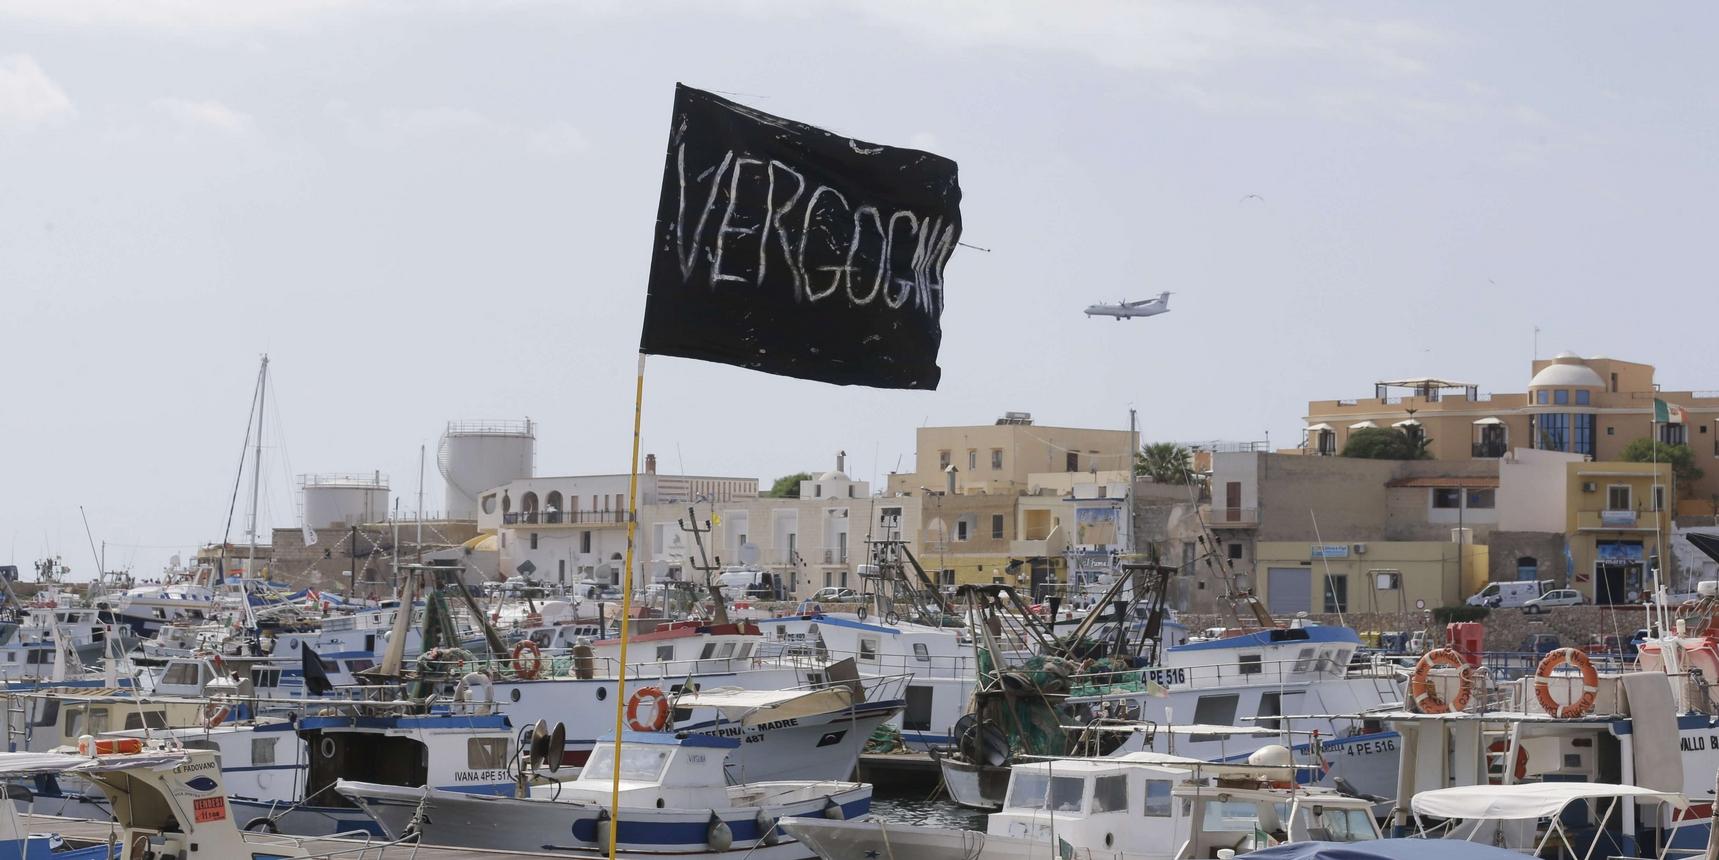 Tragedia di Lampedusa, 196 corpi recuperati. Schulz ammette: 'Italia lasciata sola dall'Europa'